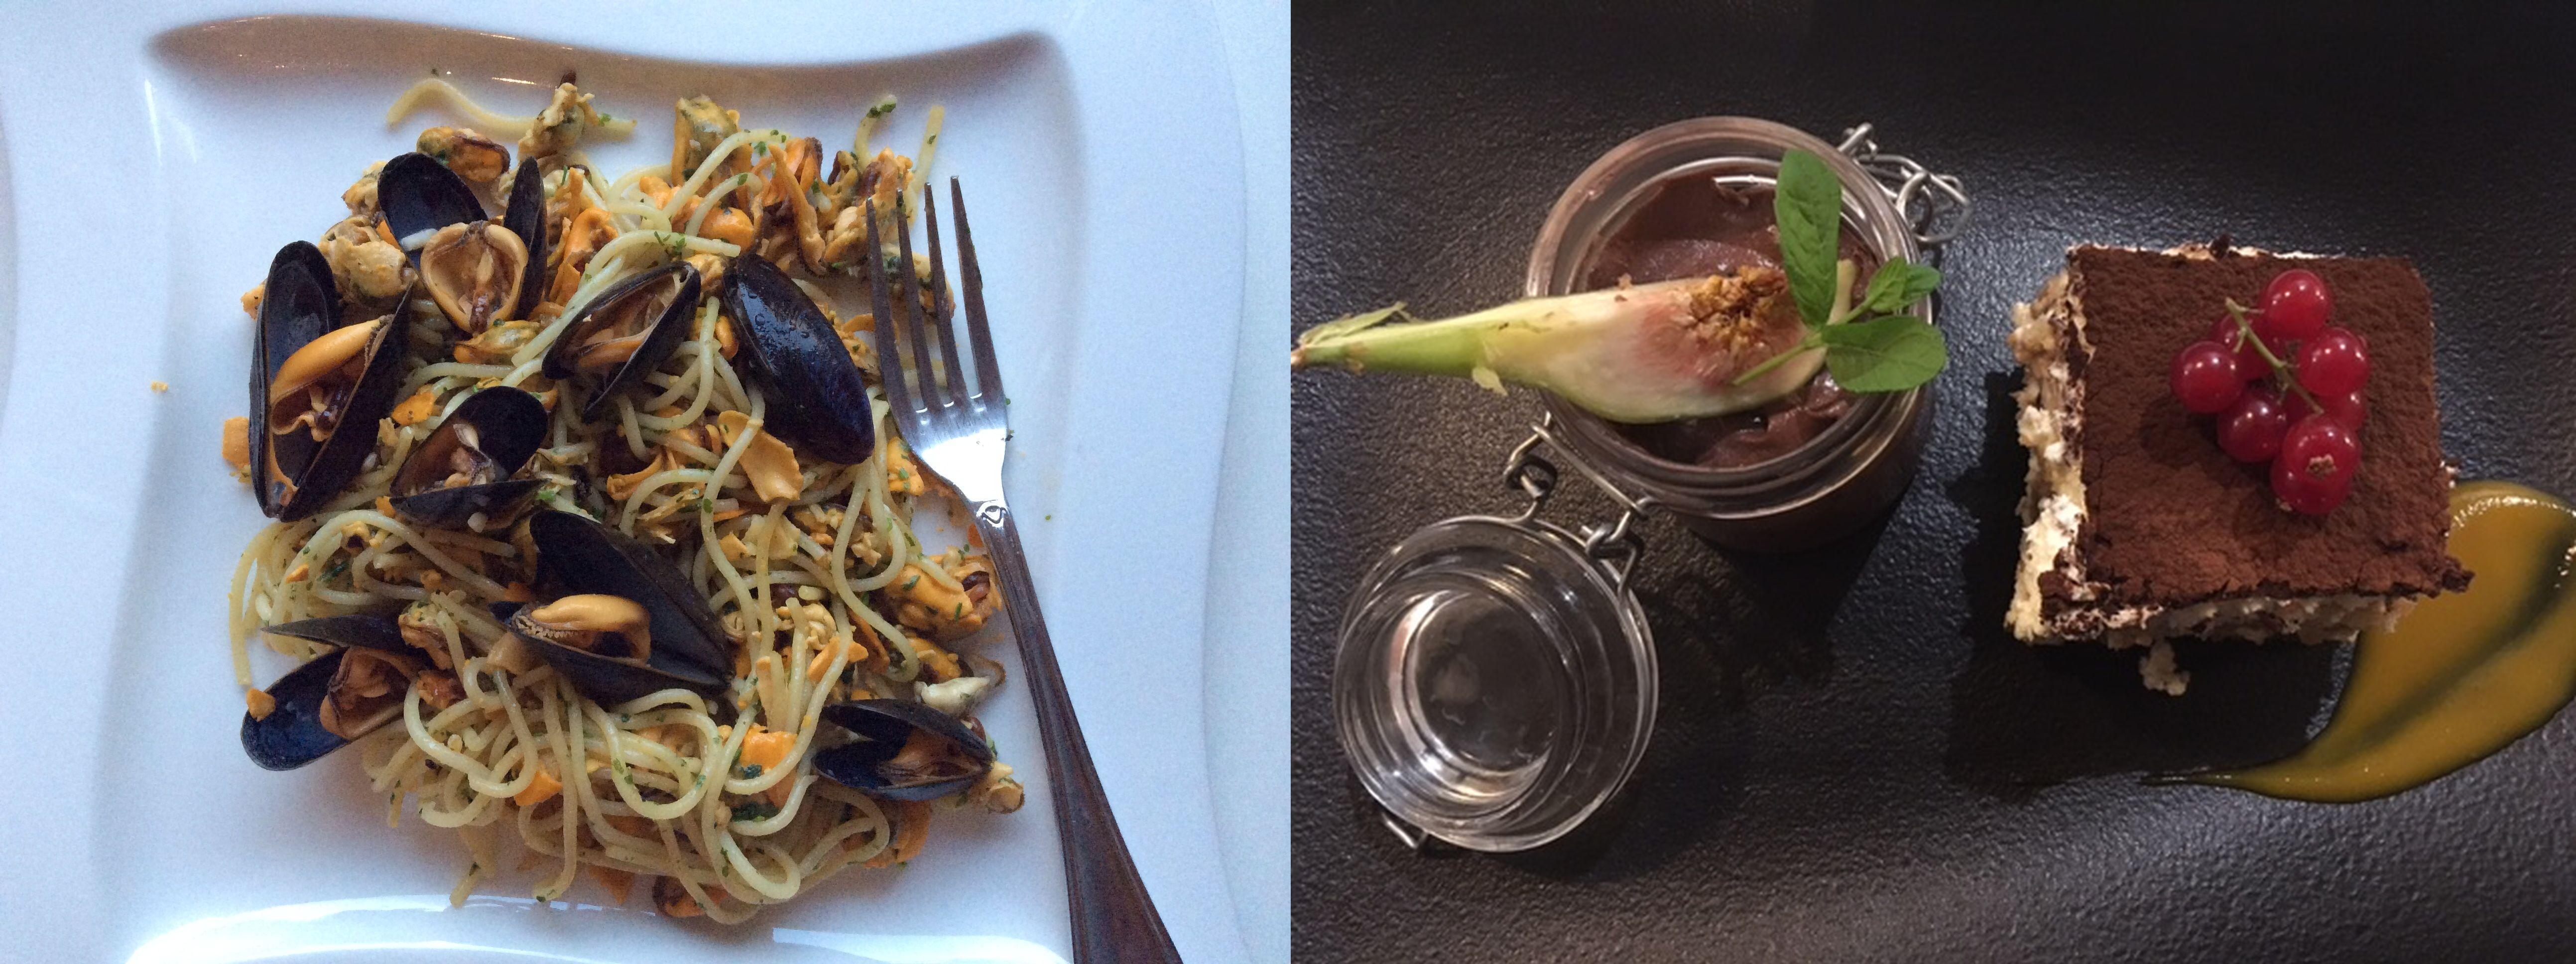 Włoskie smaki – najbardziej inspirująca kulinarna uczta w moim życiu.